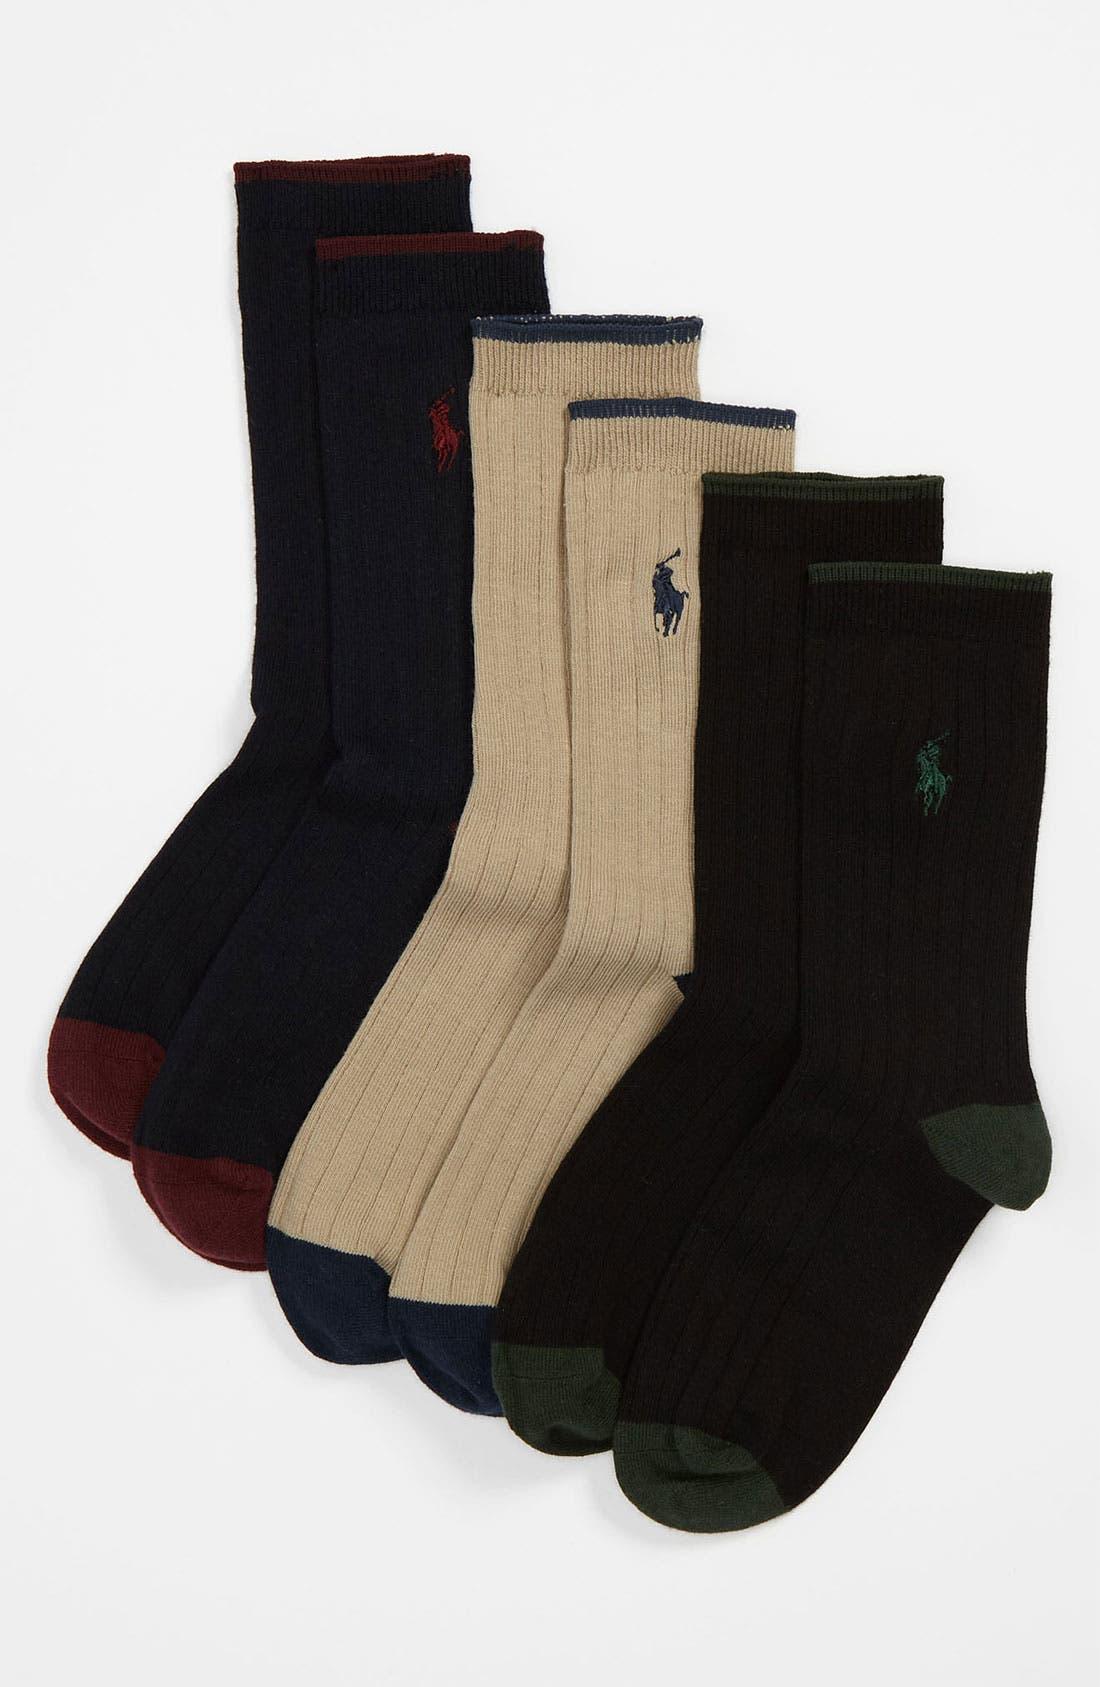 Alternate Image 1 Selected - Polo Ralph Lauren Dress Socks (3-Pack) (Toddler Boys, Little Boys & Big Boys)